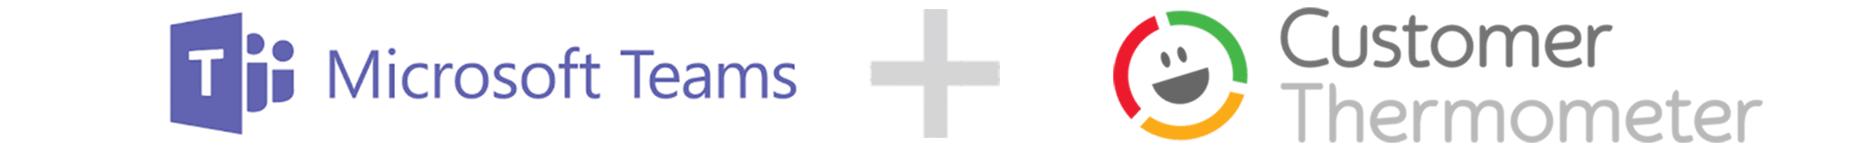 ms teams ct logos